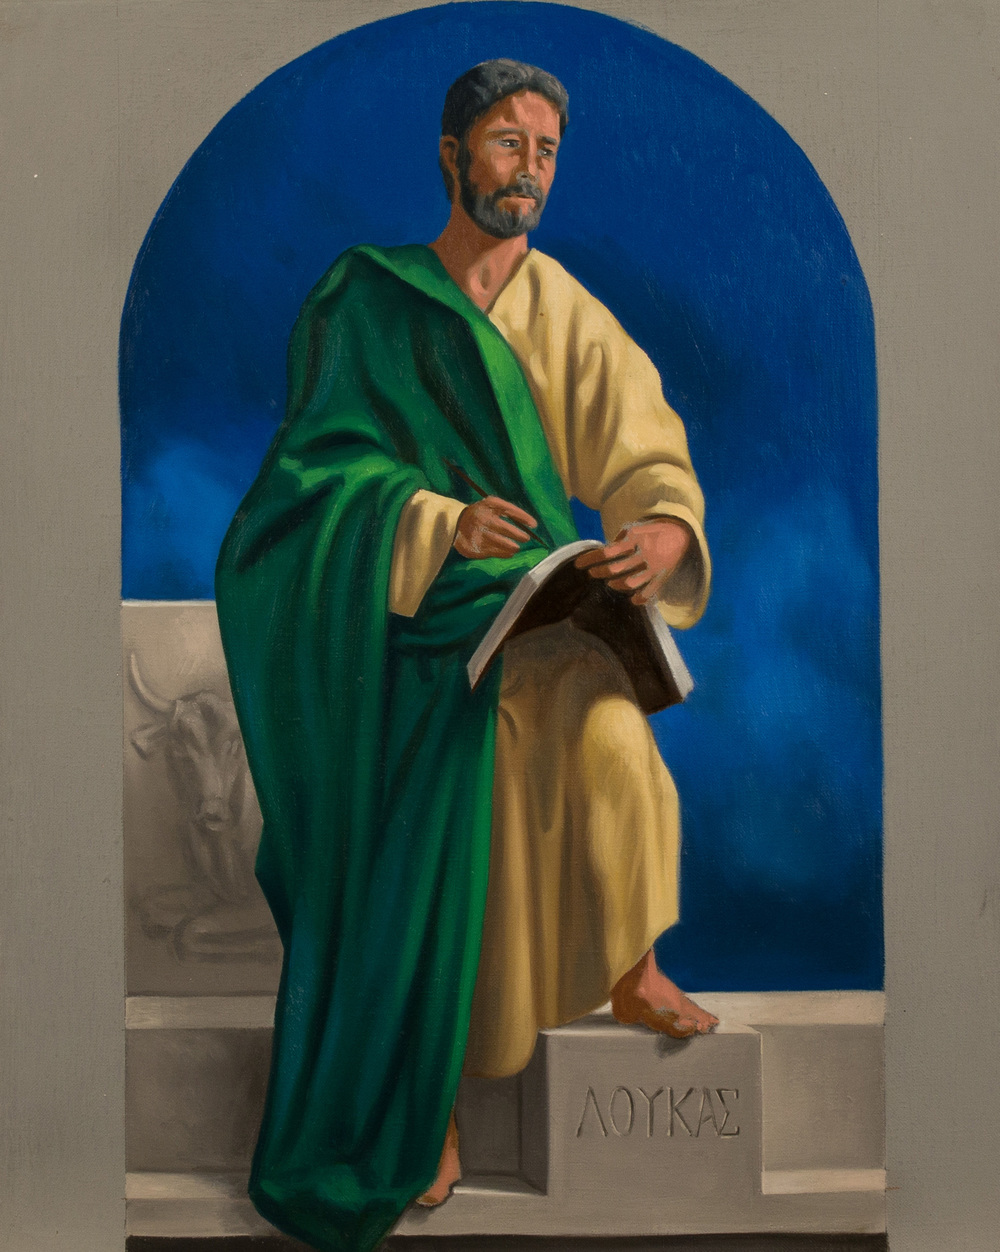 Bozzetto. San Luca , Ciclo dei Quattro Evangelisti per l'Aula Magna della PUU, olio su tela, cm 50x40, 2014